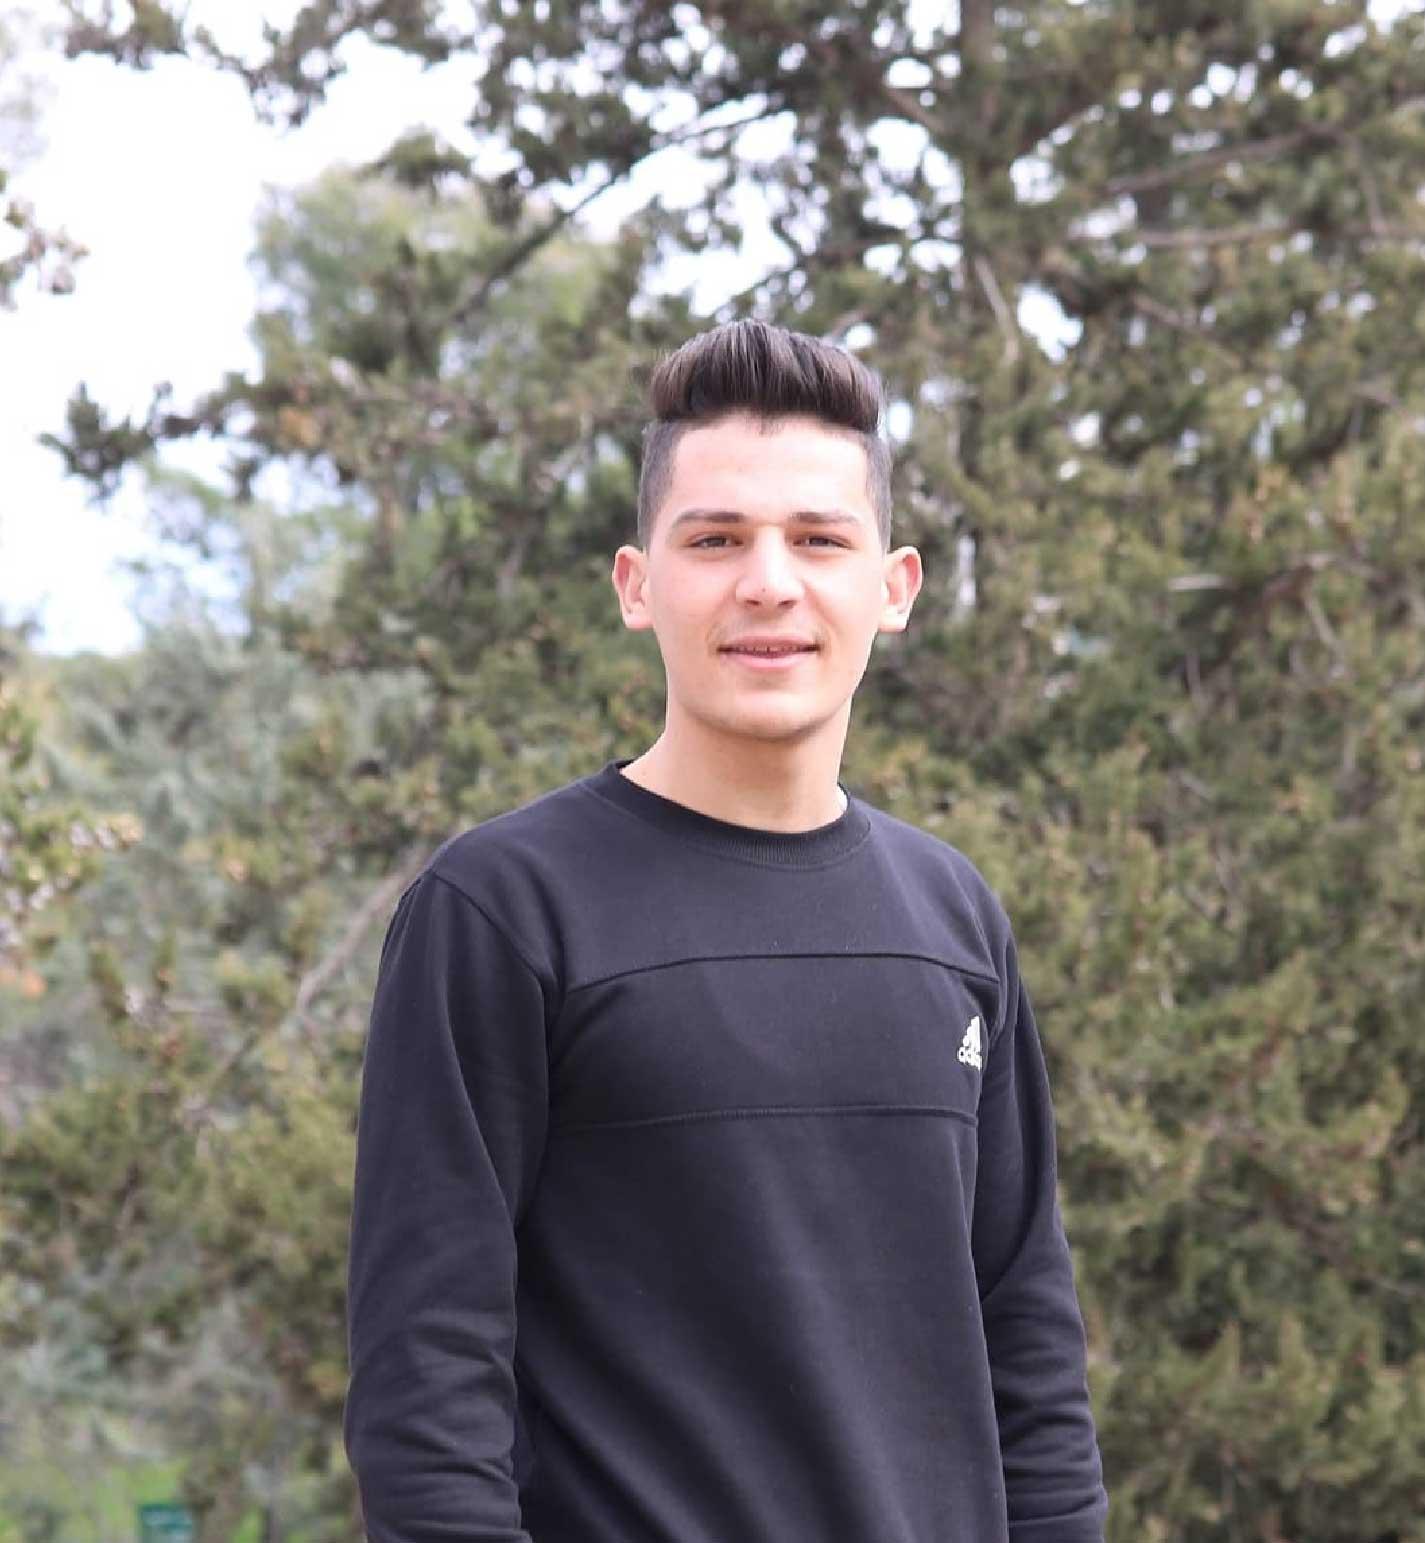 Ismaeel Moftah